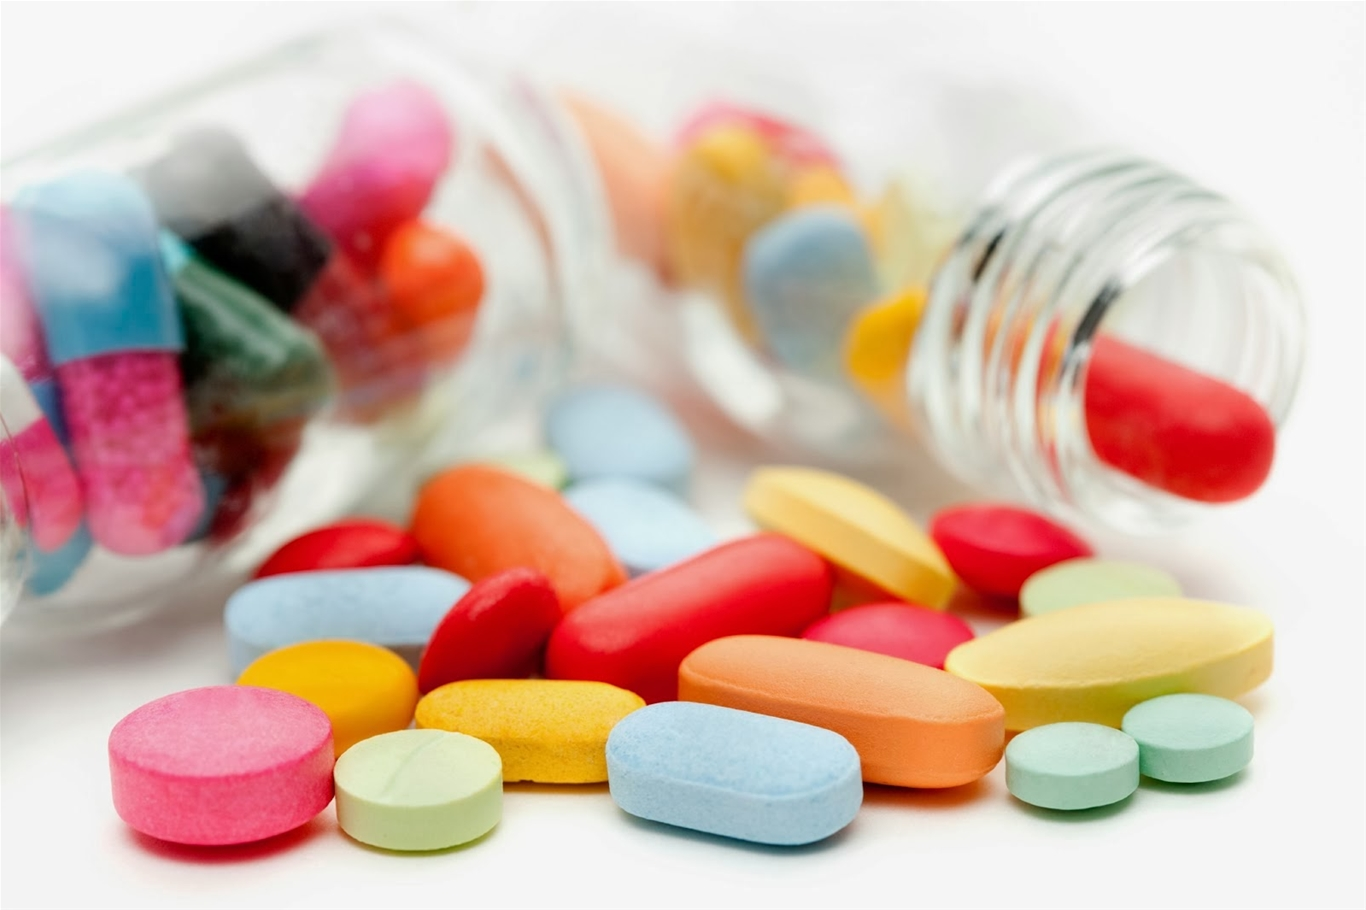 Hướng dẫn mới về Giấy chứng nhận đủ điều kiện kinh doanh dược